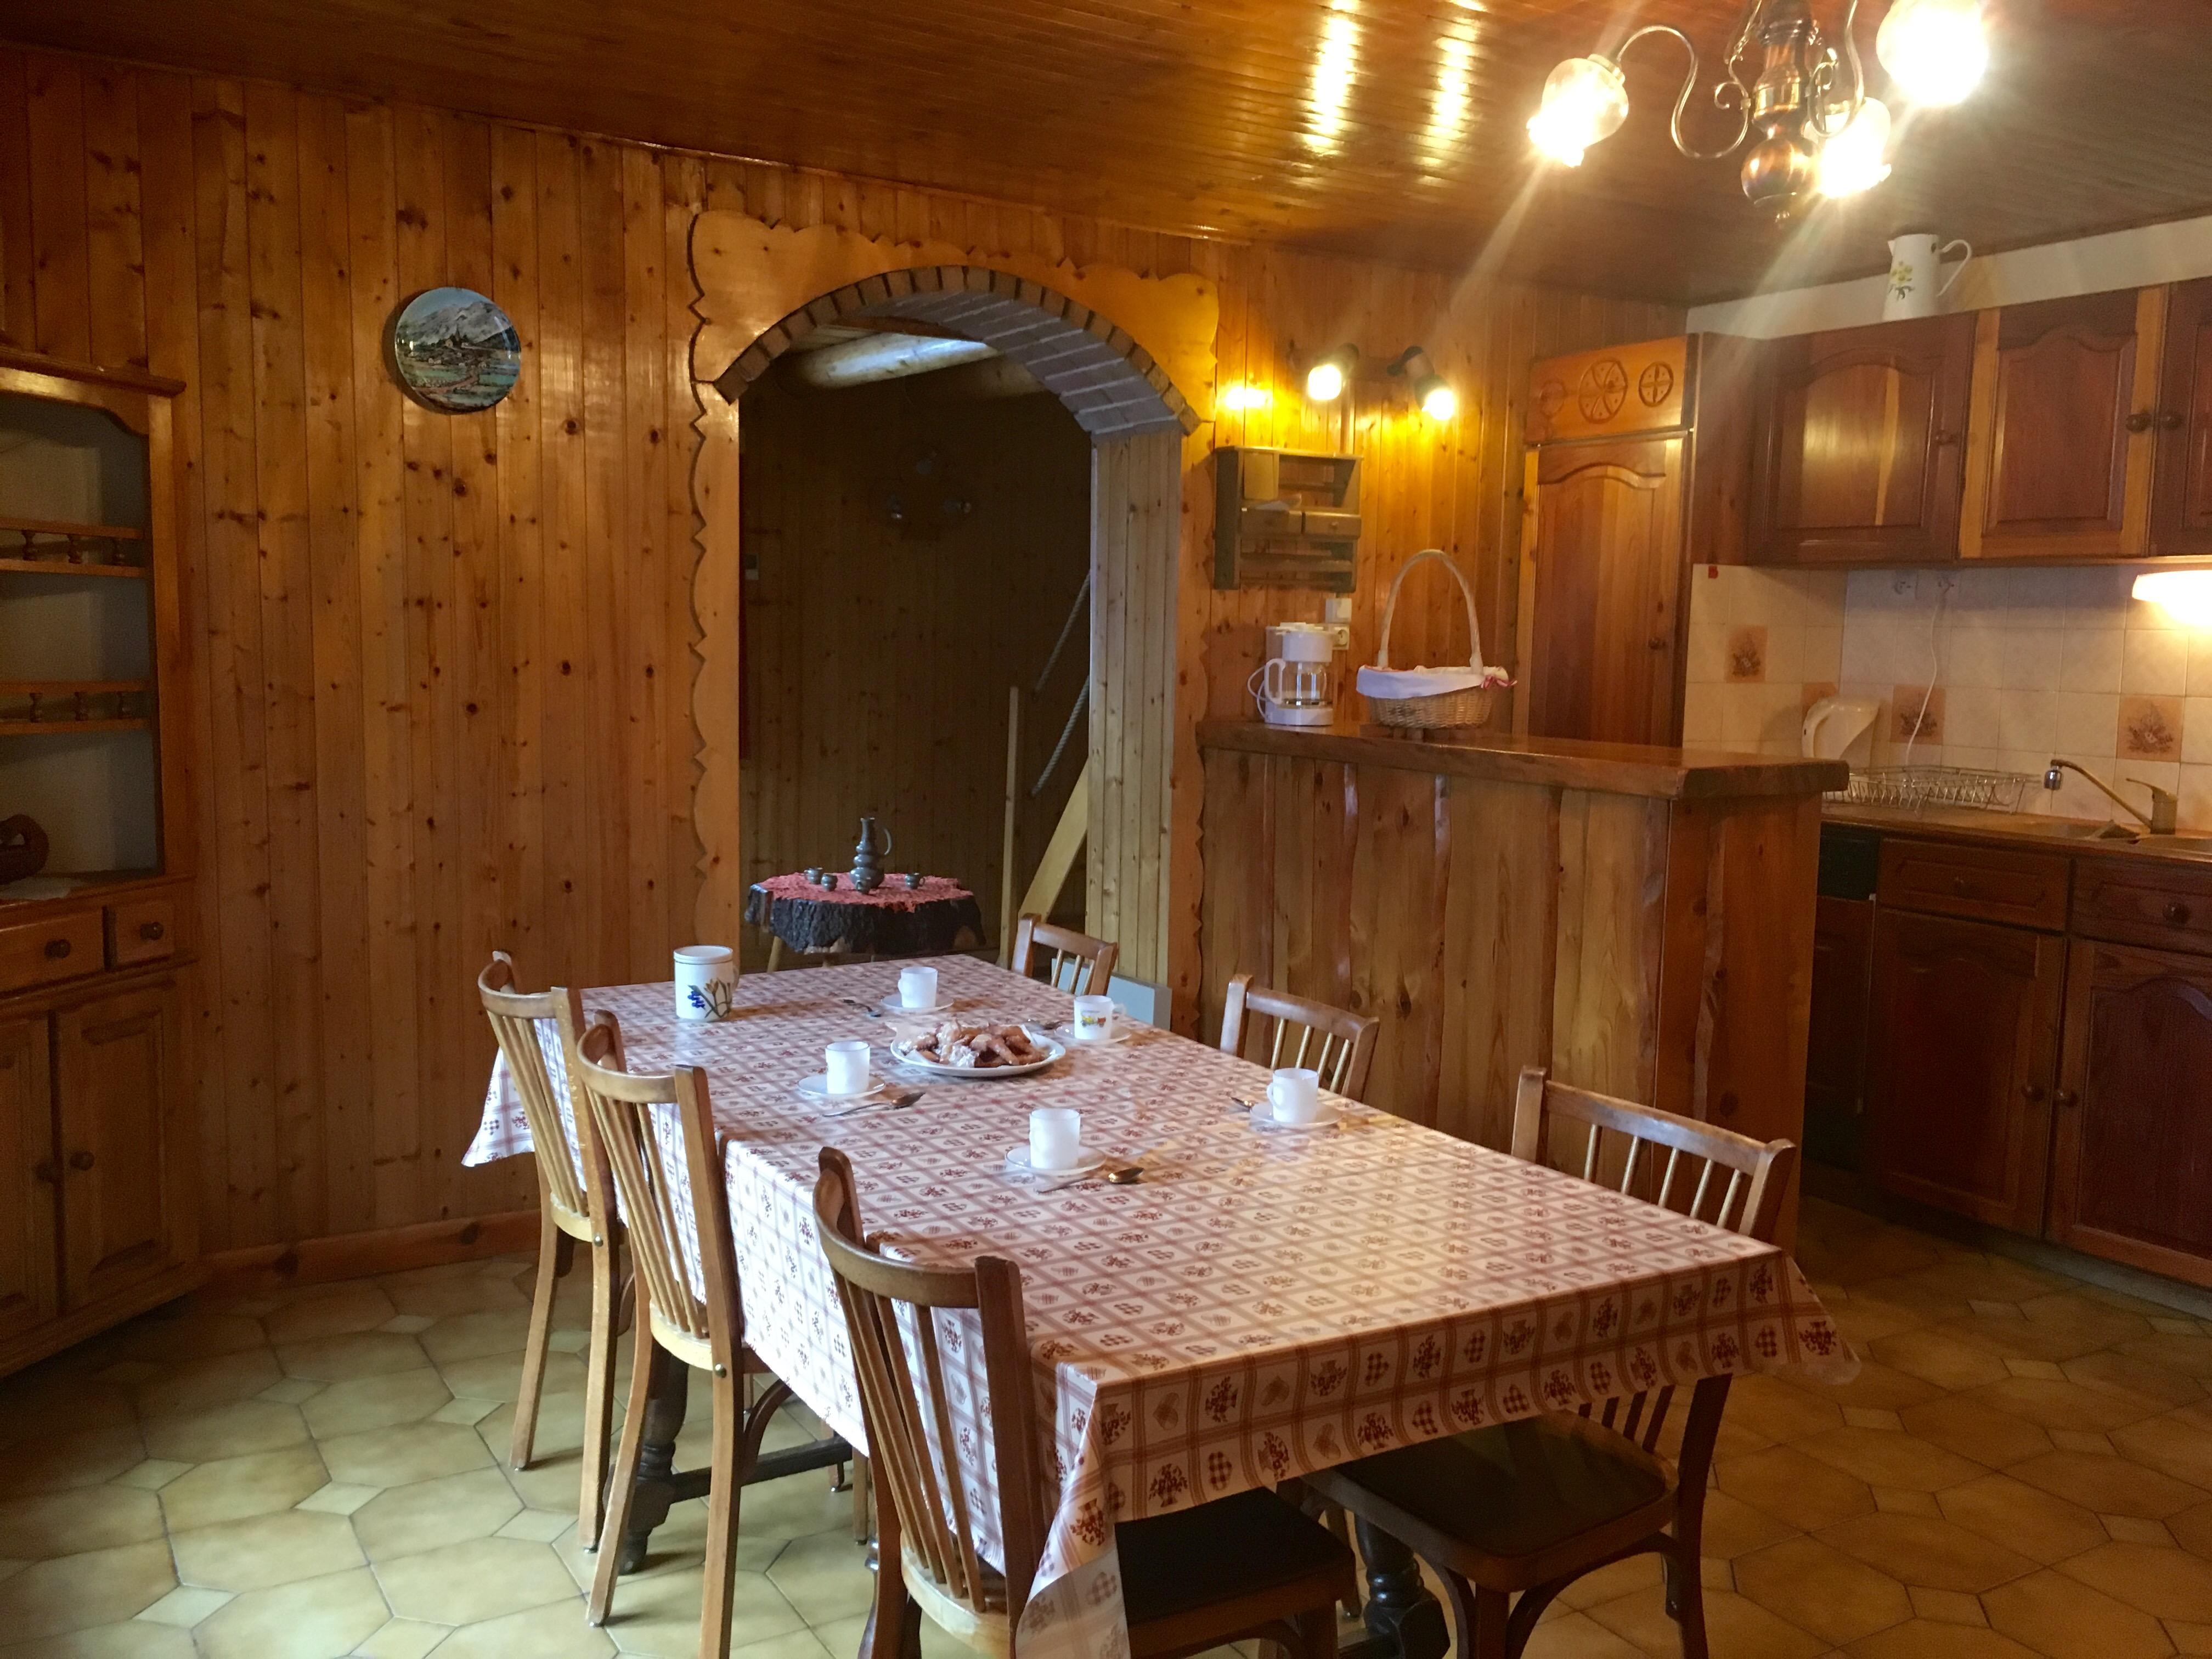 cuisine_la_marlougre_bessans